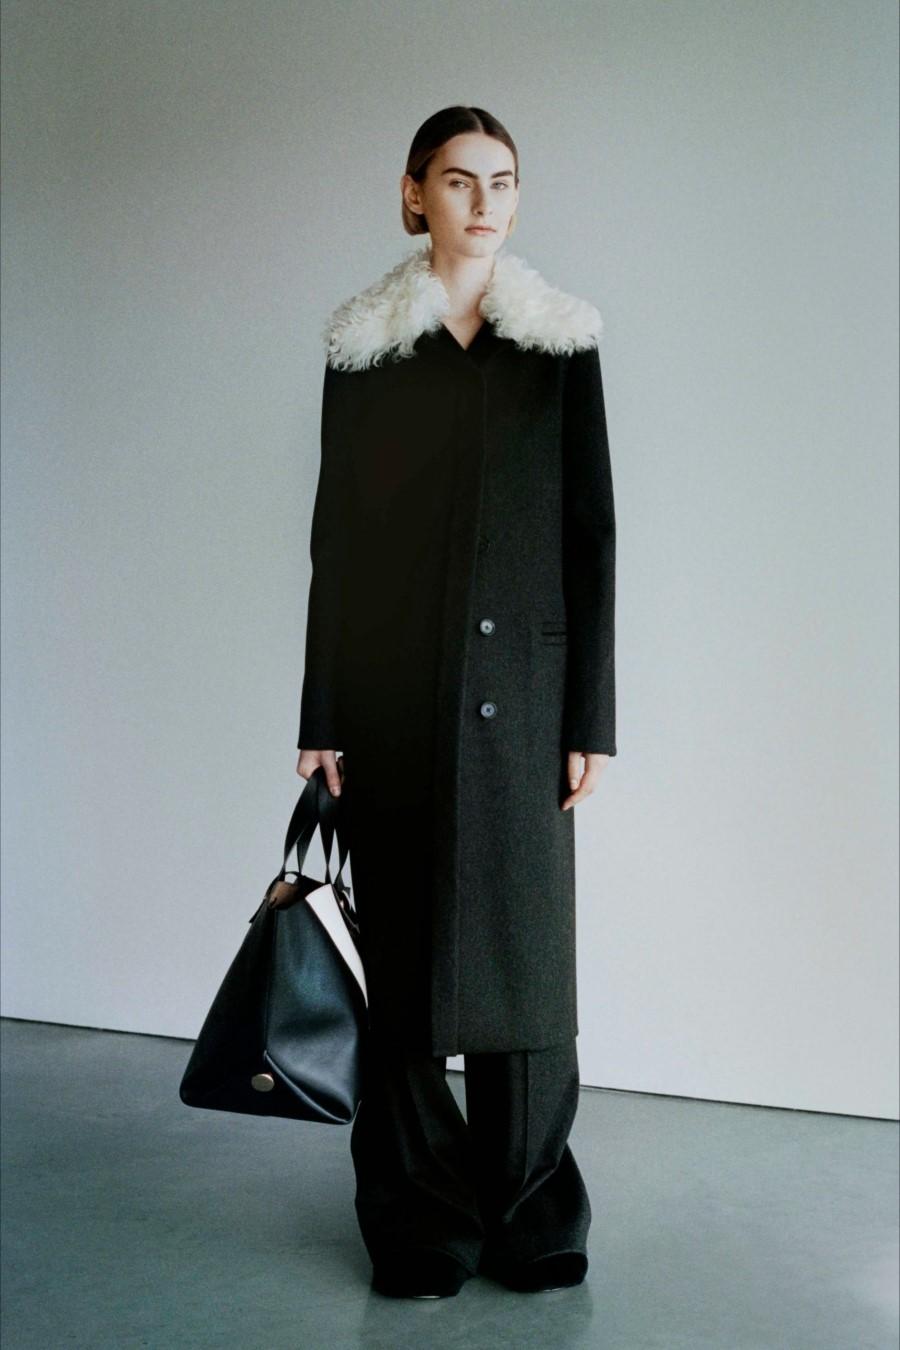 Proenza Schouler Fall Winter 2021 - New York Fashion Week